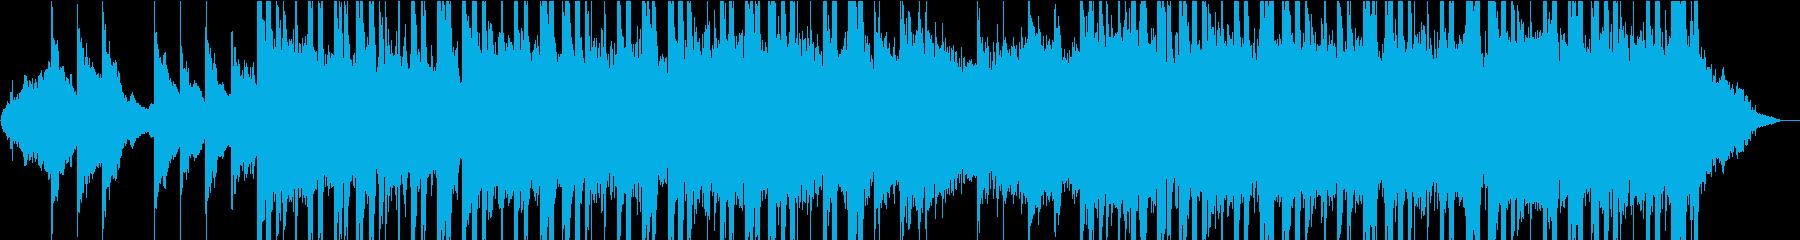 ポップ テクノ Hip-hop R...の再生済みの波形